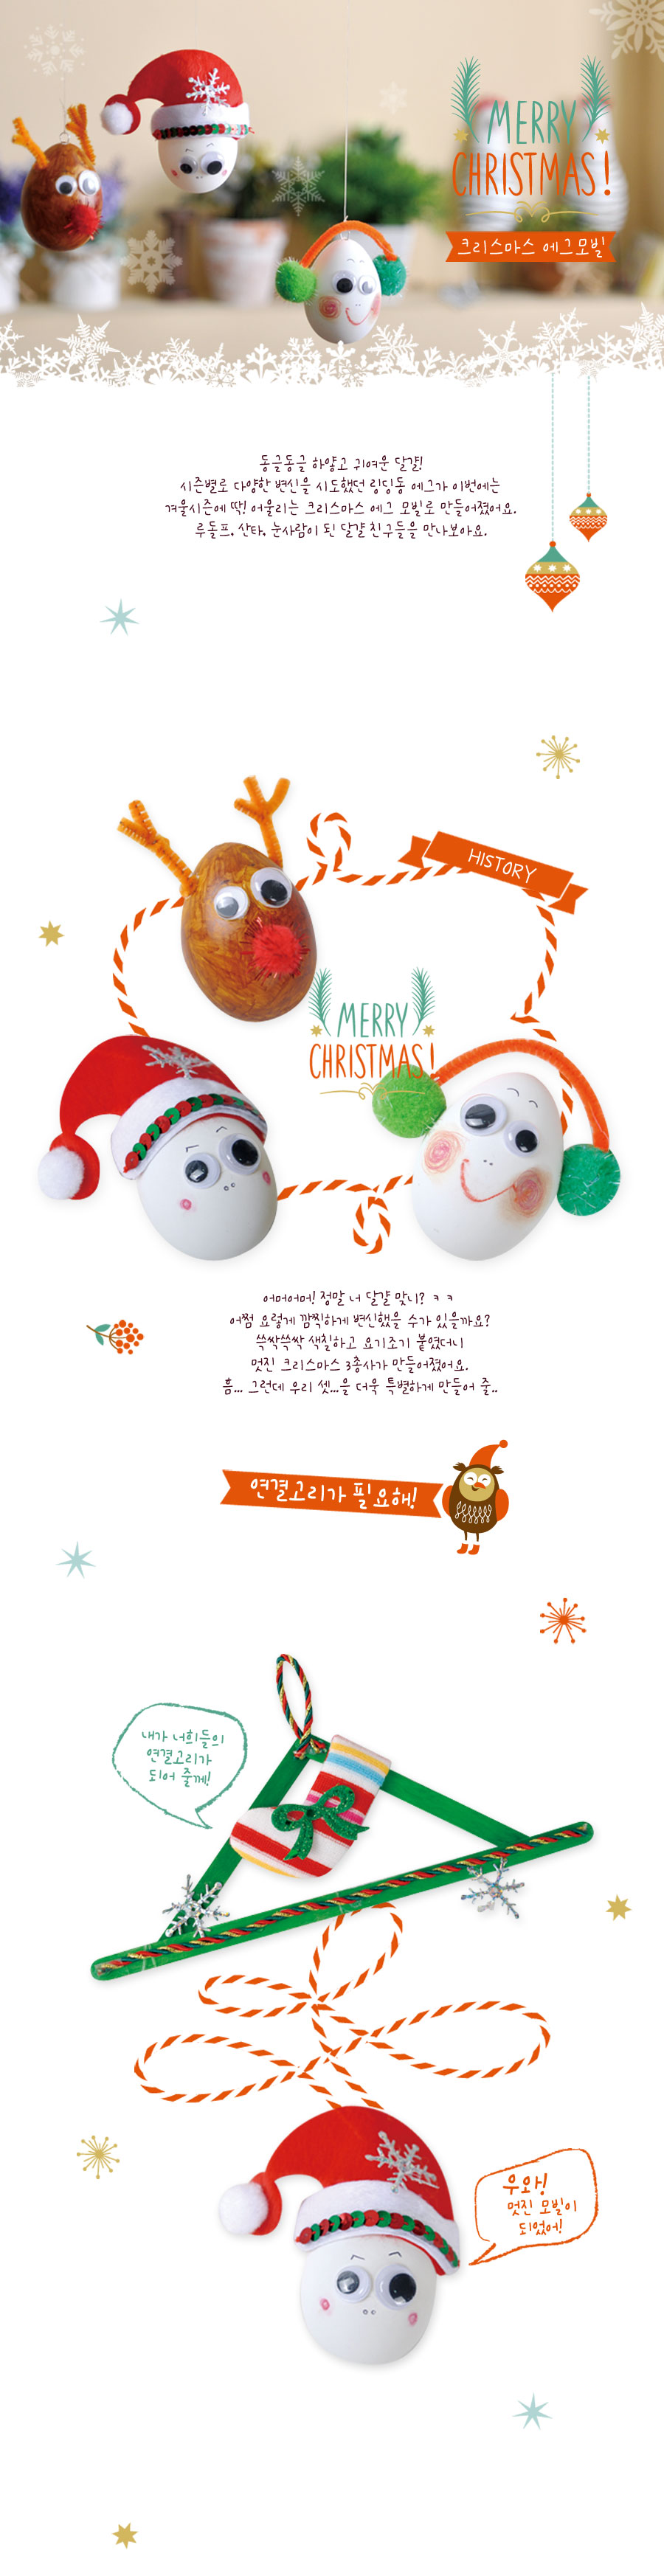 성탄 에그모빌/크리스마스/장식 - 아트랄라, 3,200원, 장식소품, 모빌/천장데코